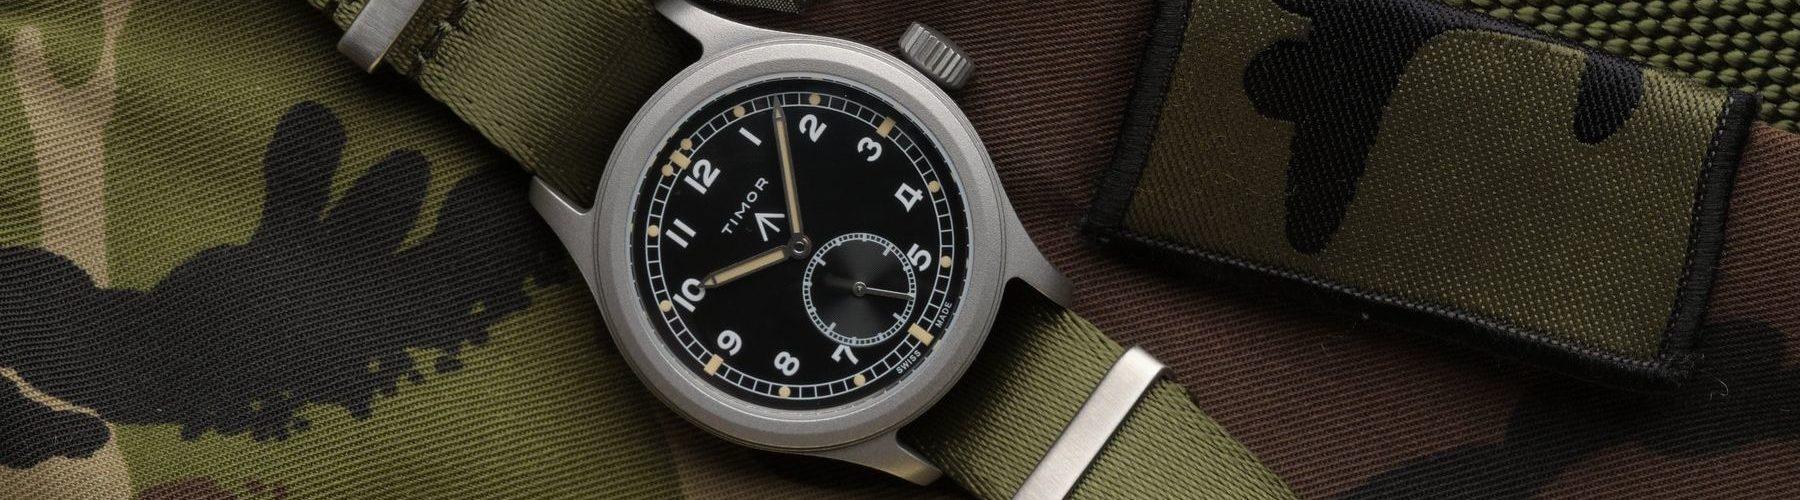 Field Watch Infranterie Uhren